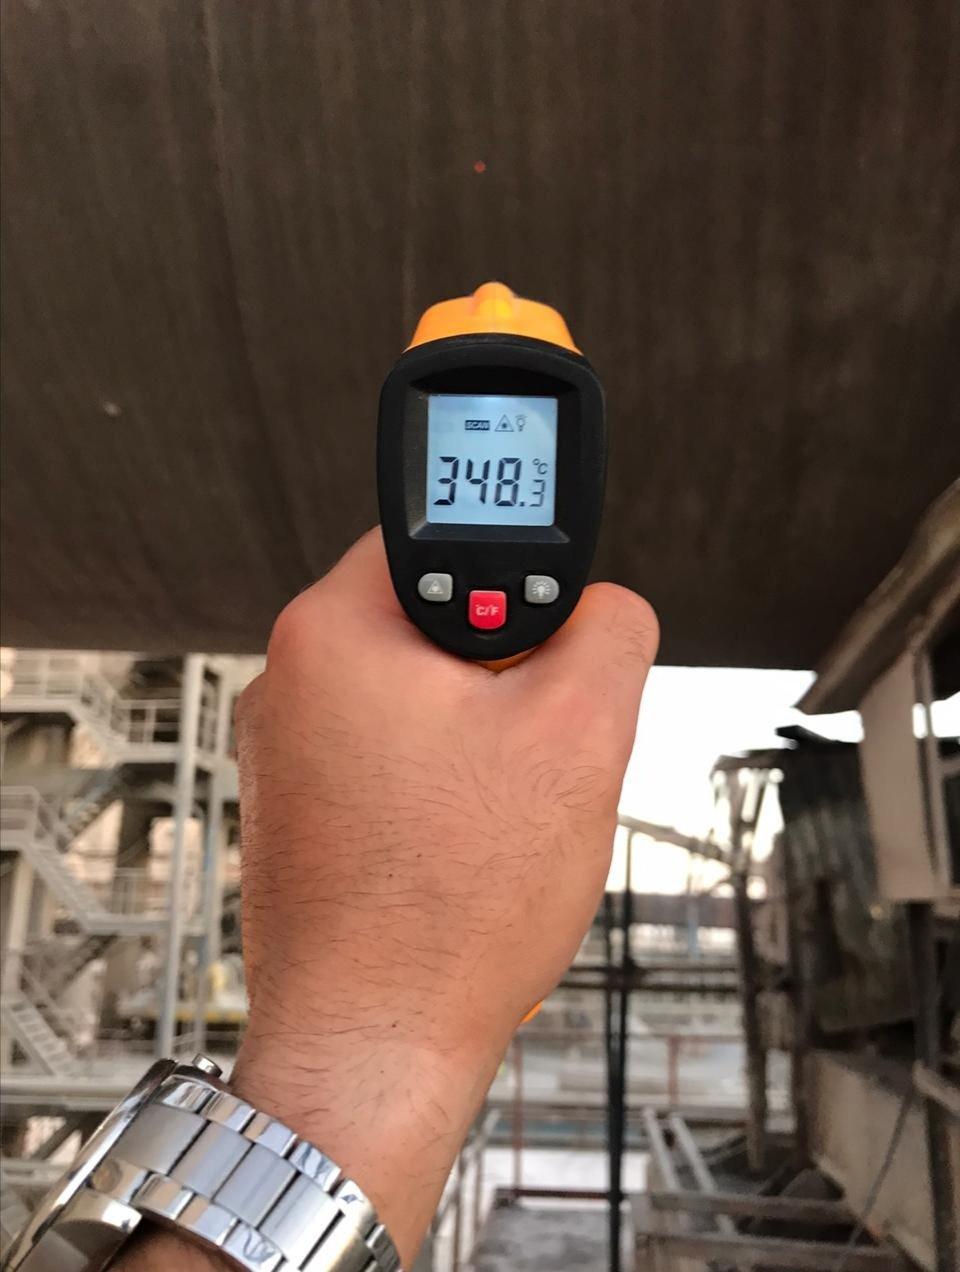 Shell Average Temperature